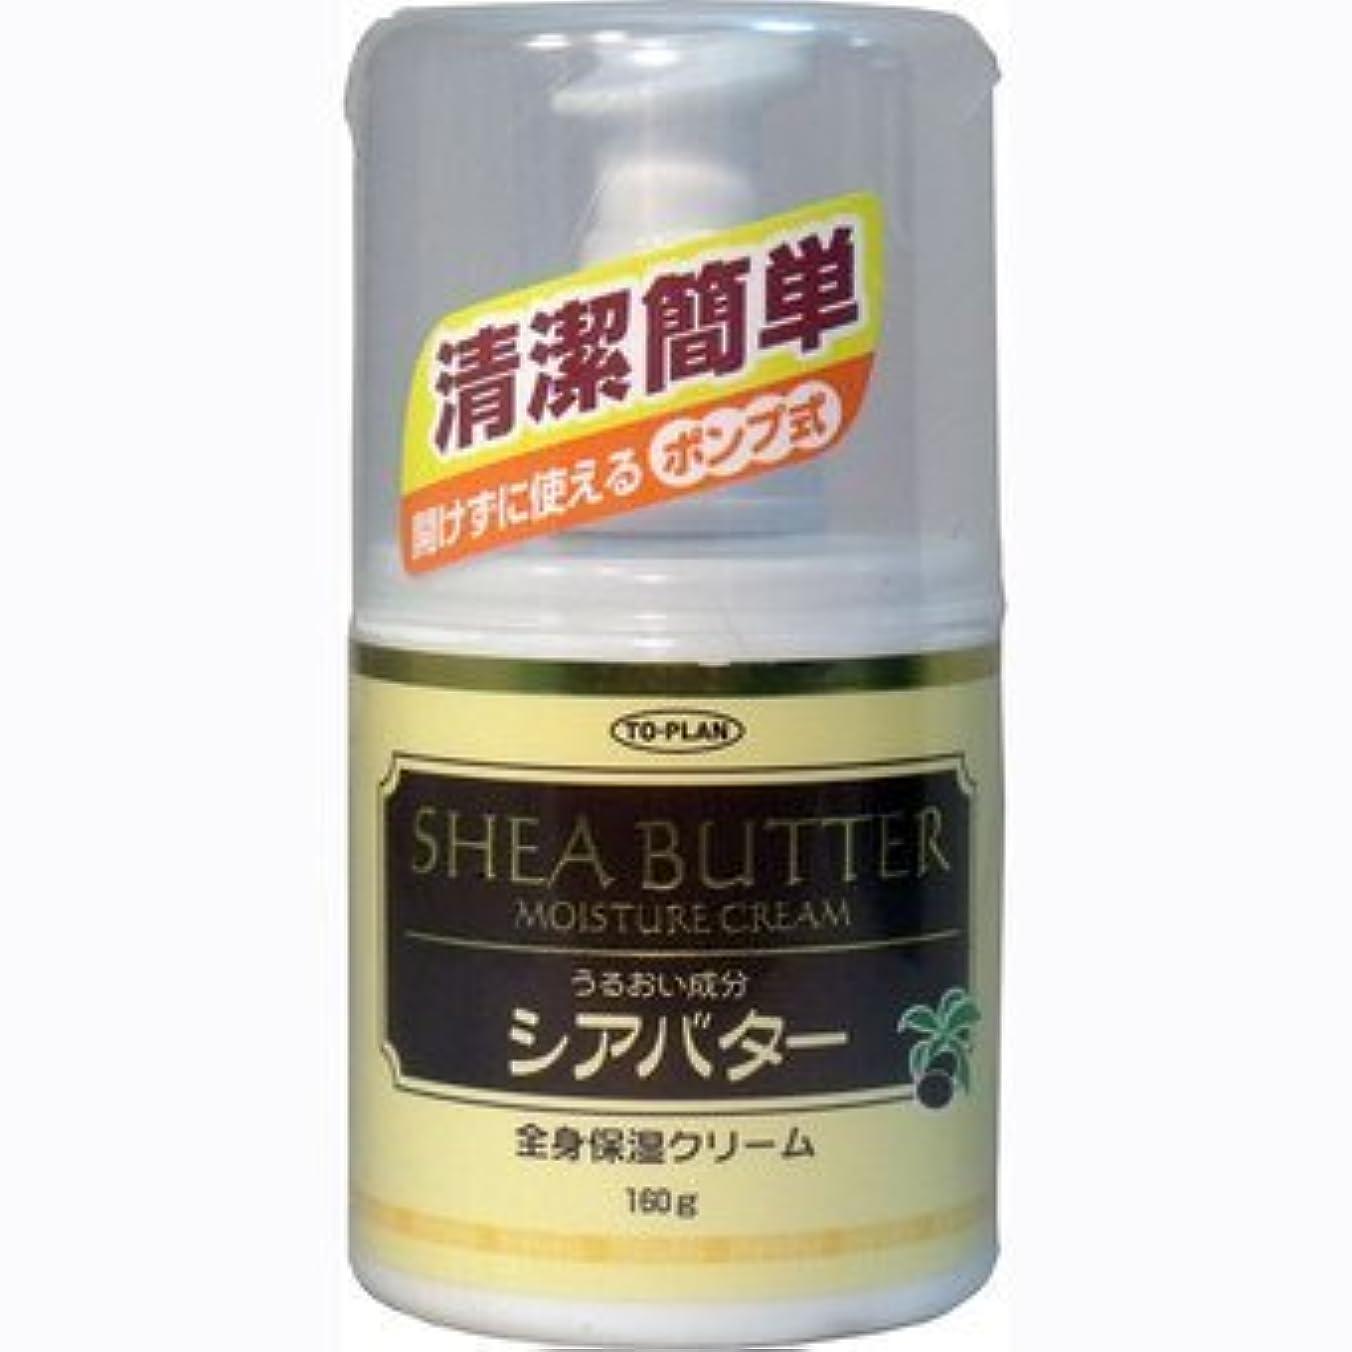 踏み台背景有益なトプラン 全身保湿クリーム シアバター ポンプ式 160g (商品内訳:単品1本)